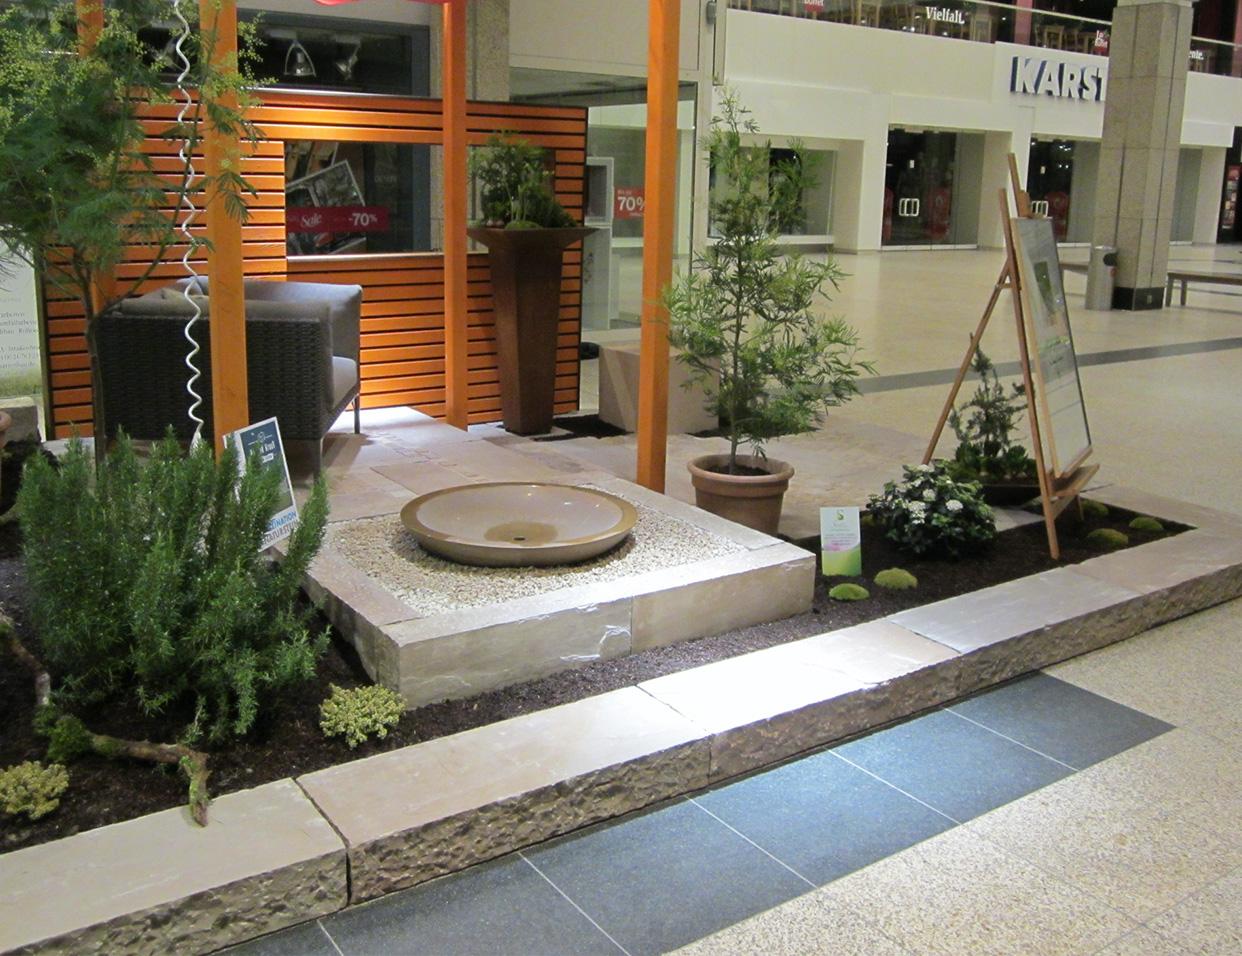 Gartenausstellung Rhein-Neckar-Zentrum